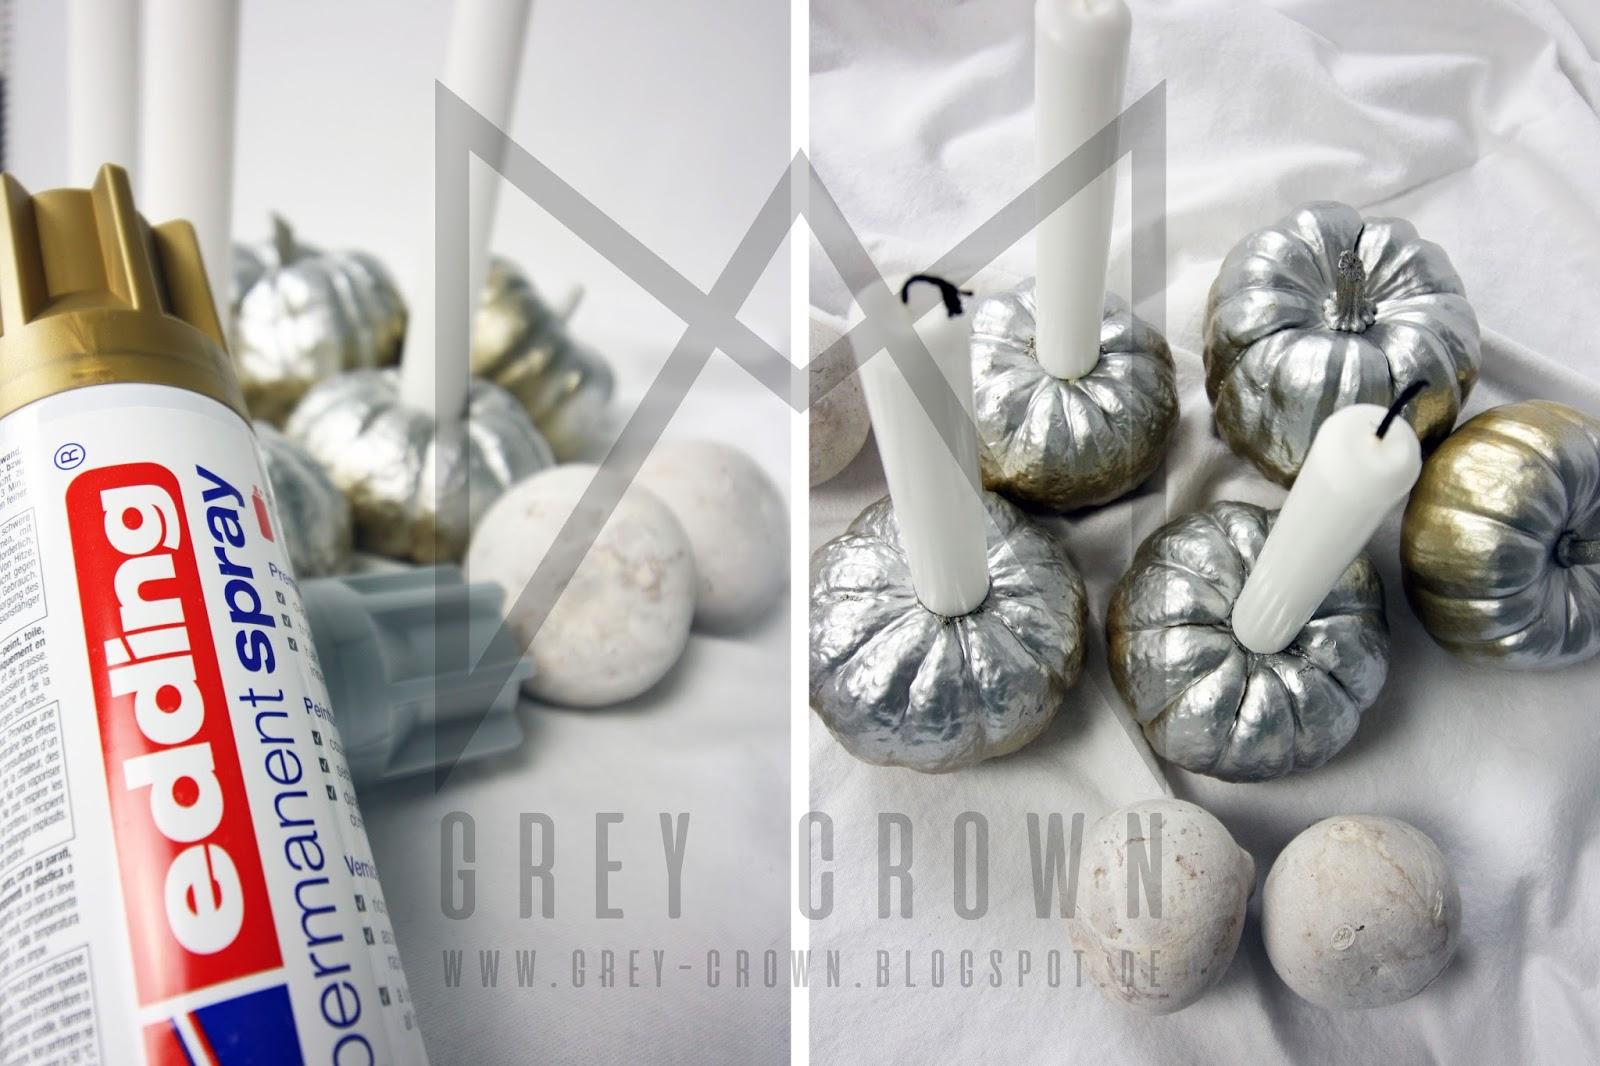 grey crown: hello pumpkin + give away von edding